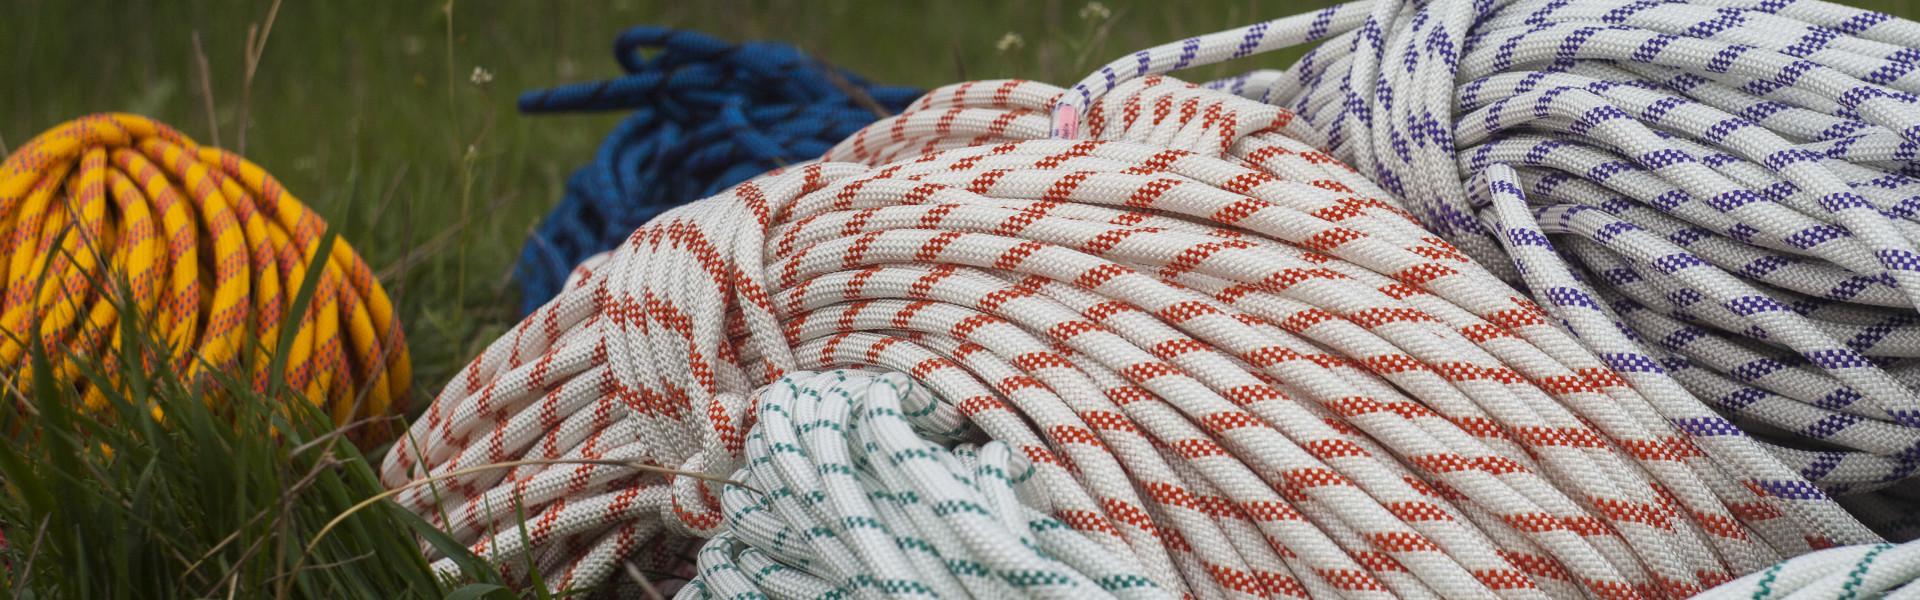 ФОП Шевель: верёвки, шнуры, петли